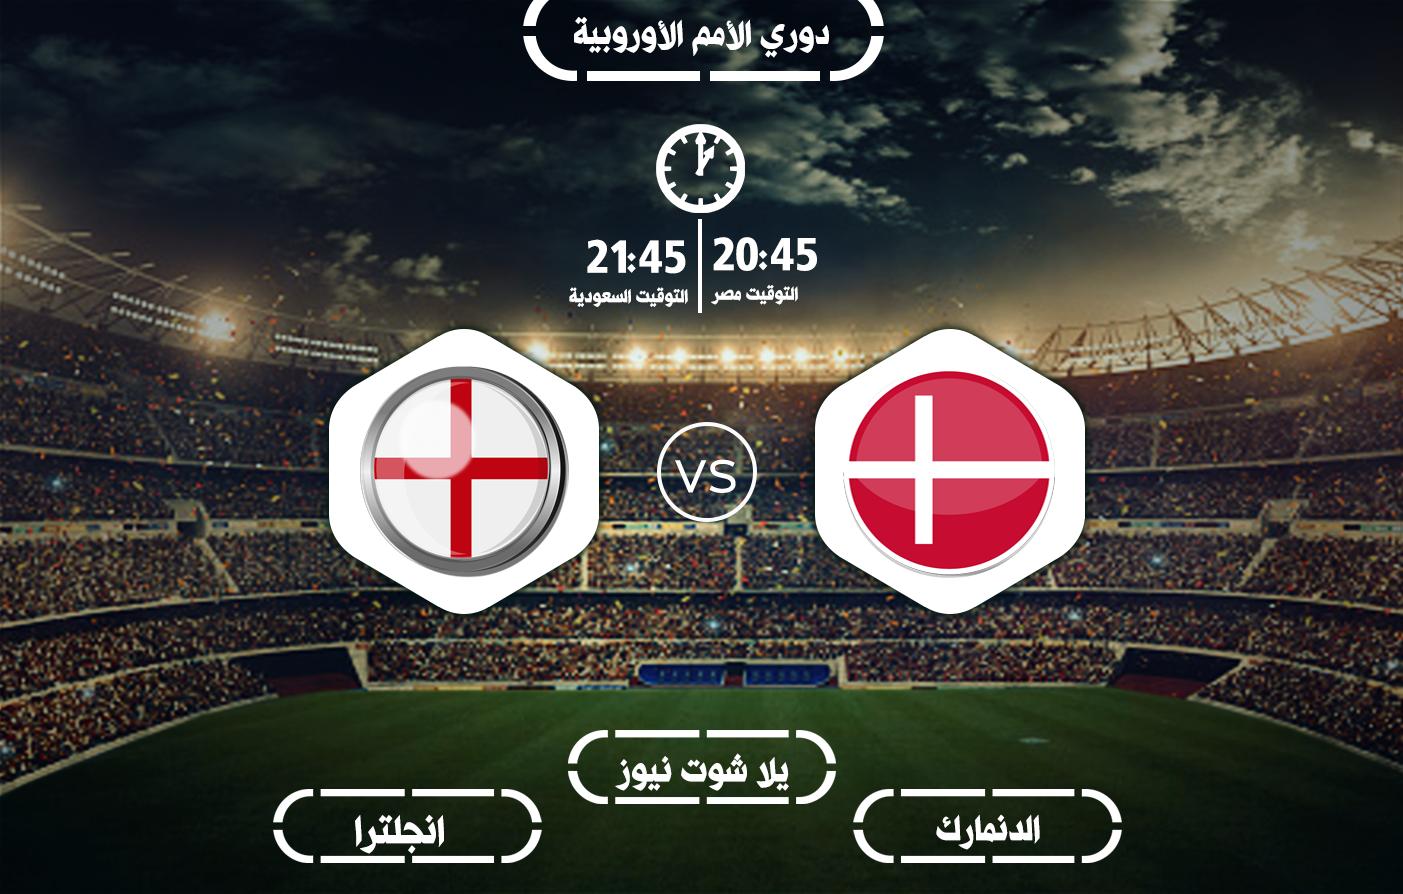 مشاهدة مباراة انجلترا والدنمارك بث مباشر اليوم الثلاثاء 8-9-2020 يلا شوت الجديد